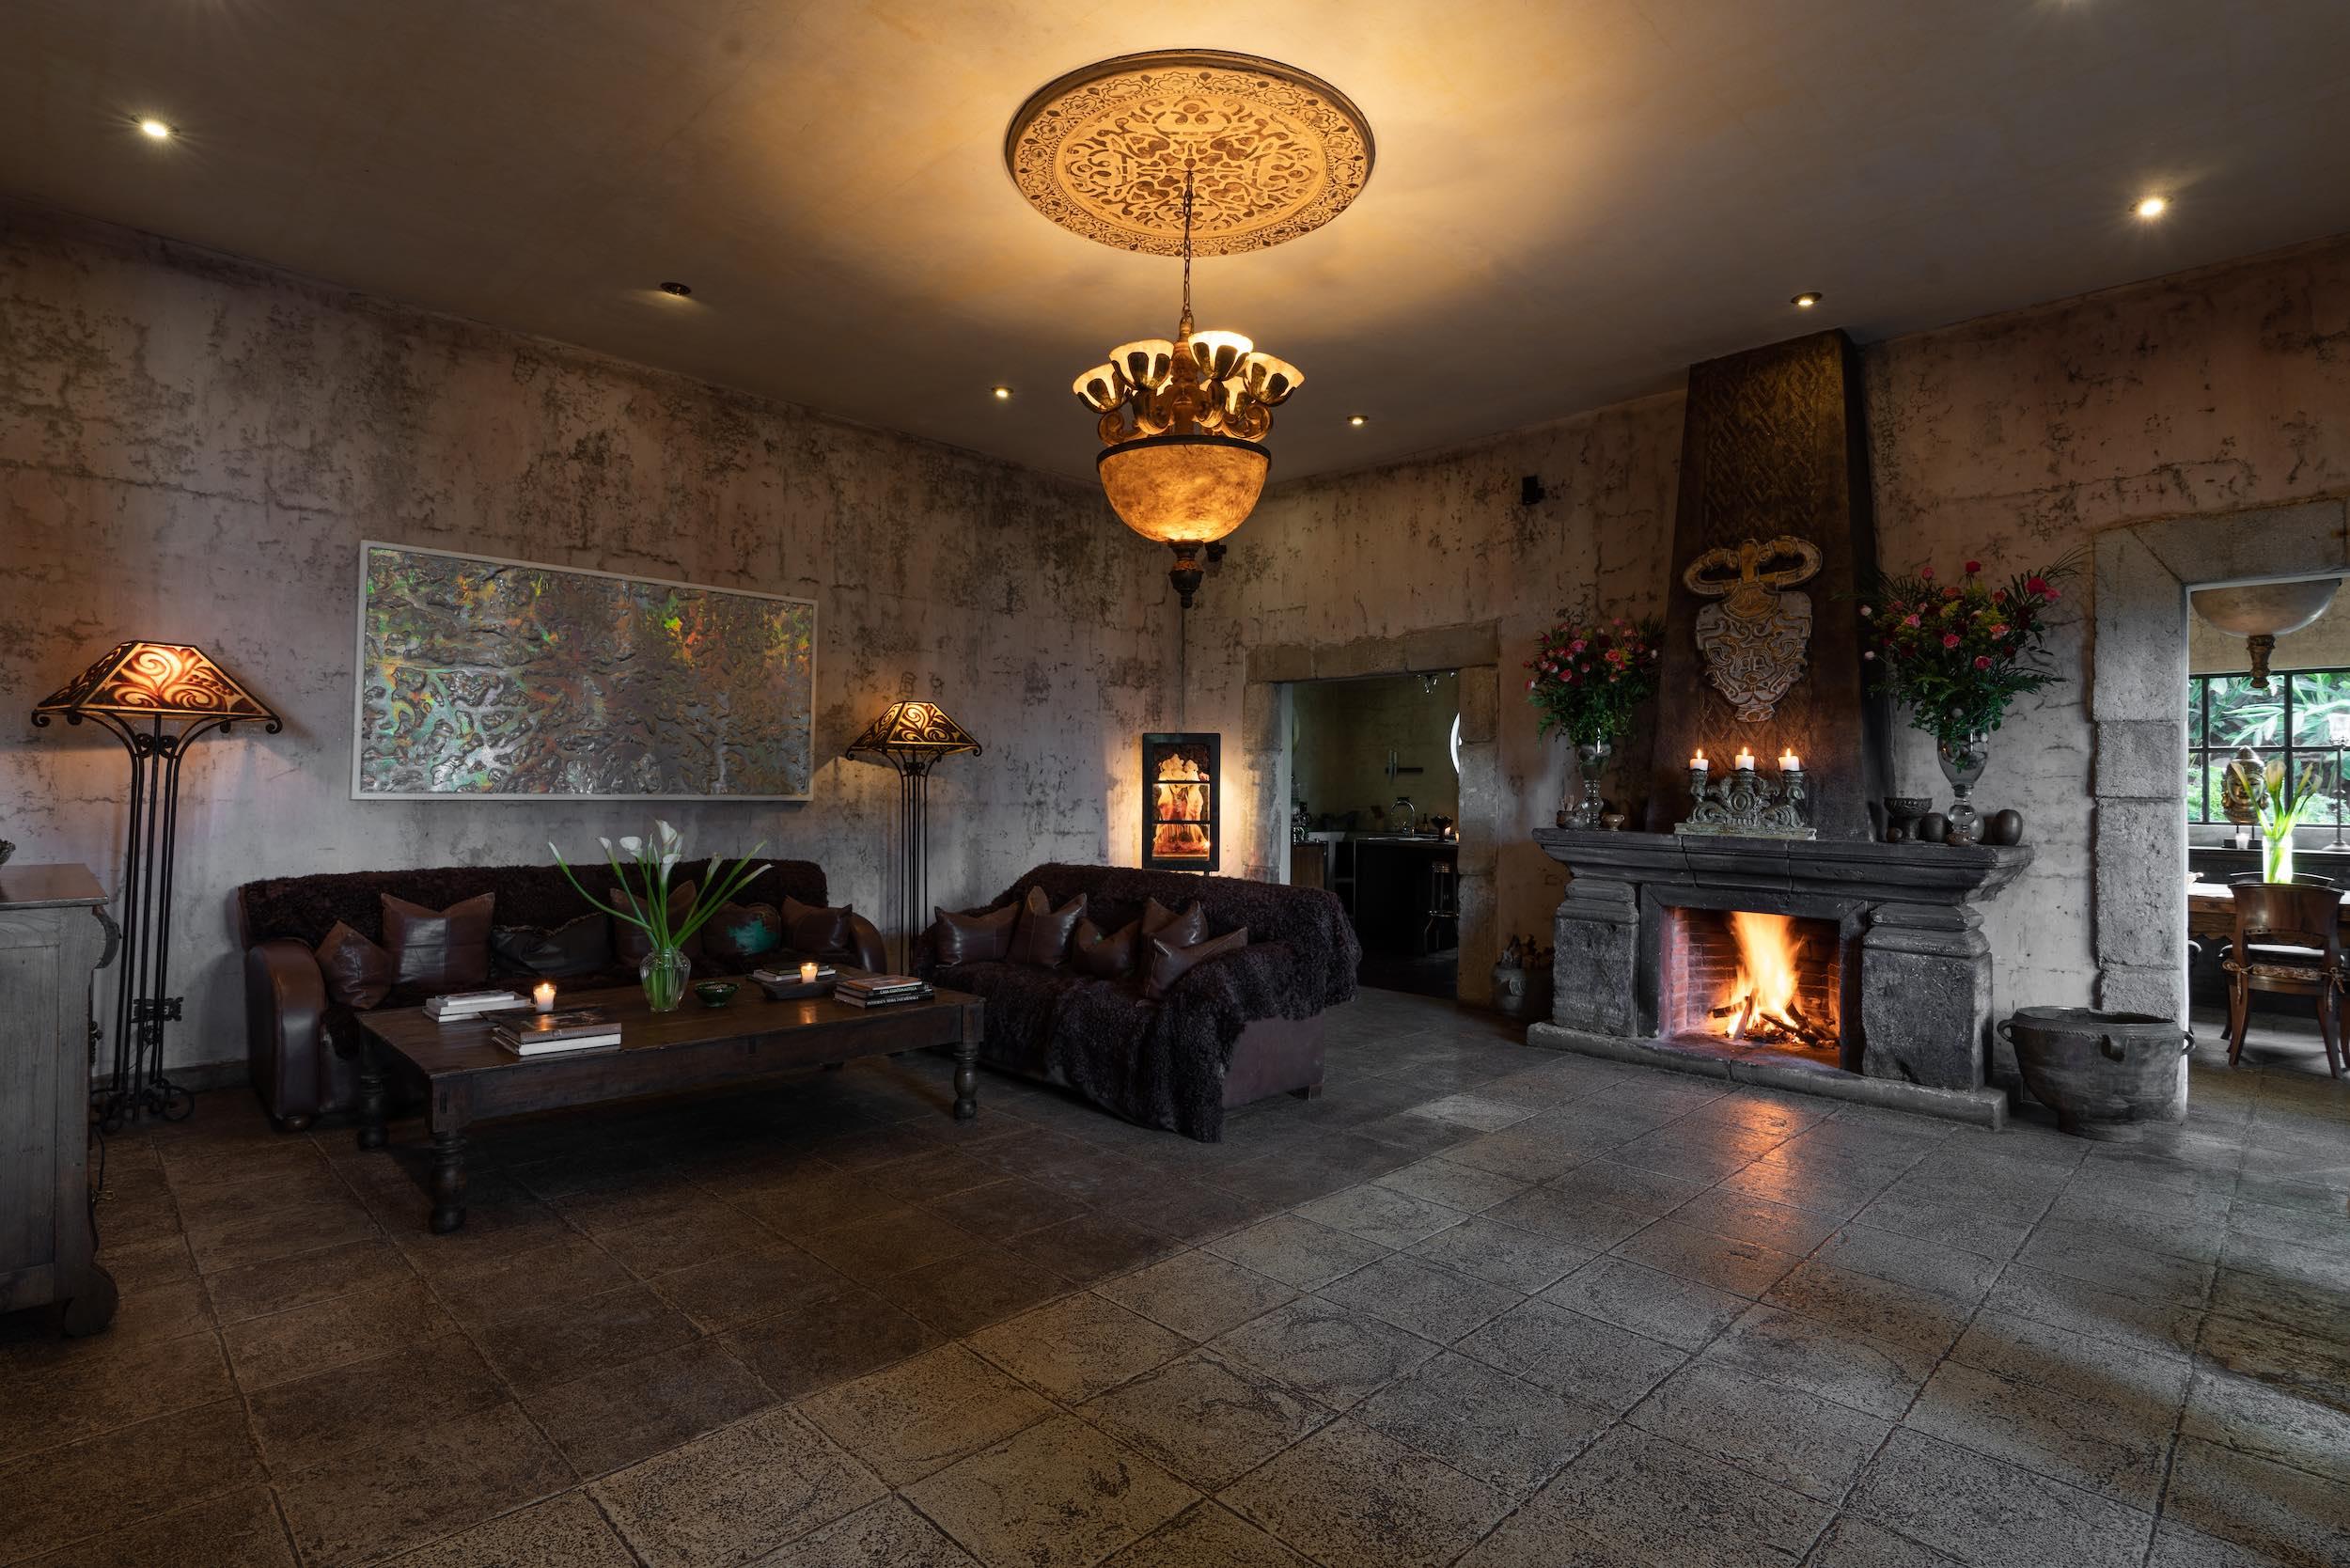 casaprana-hotel-living room-2.jpeg